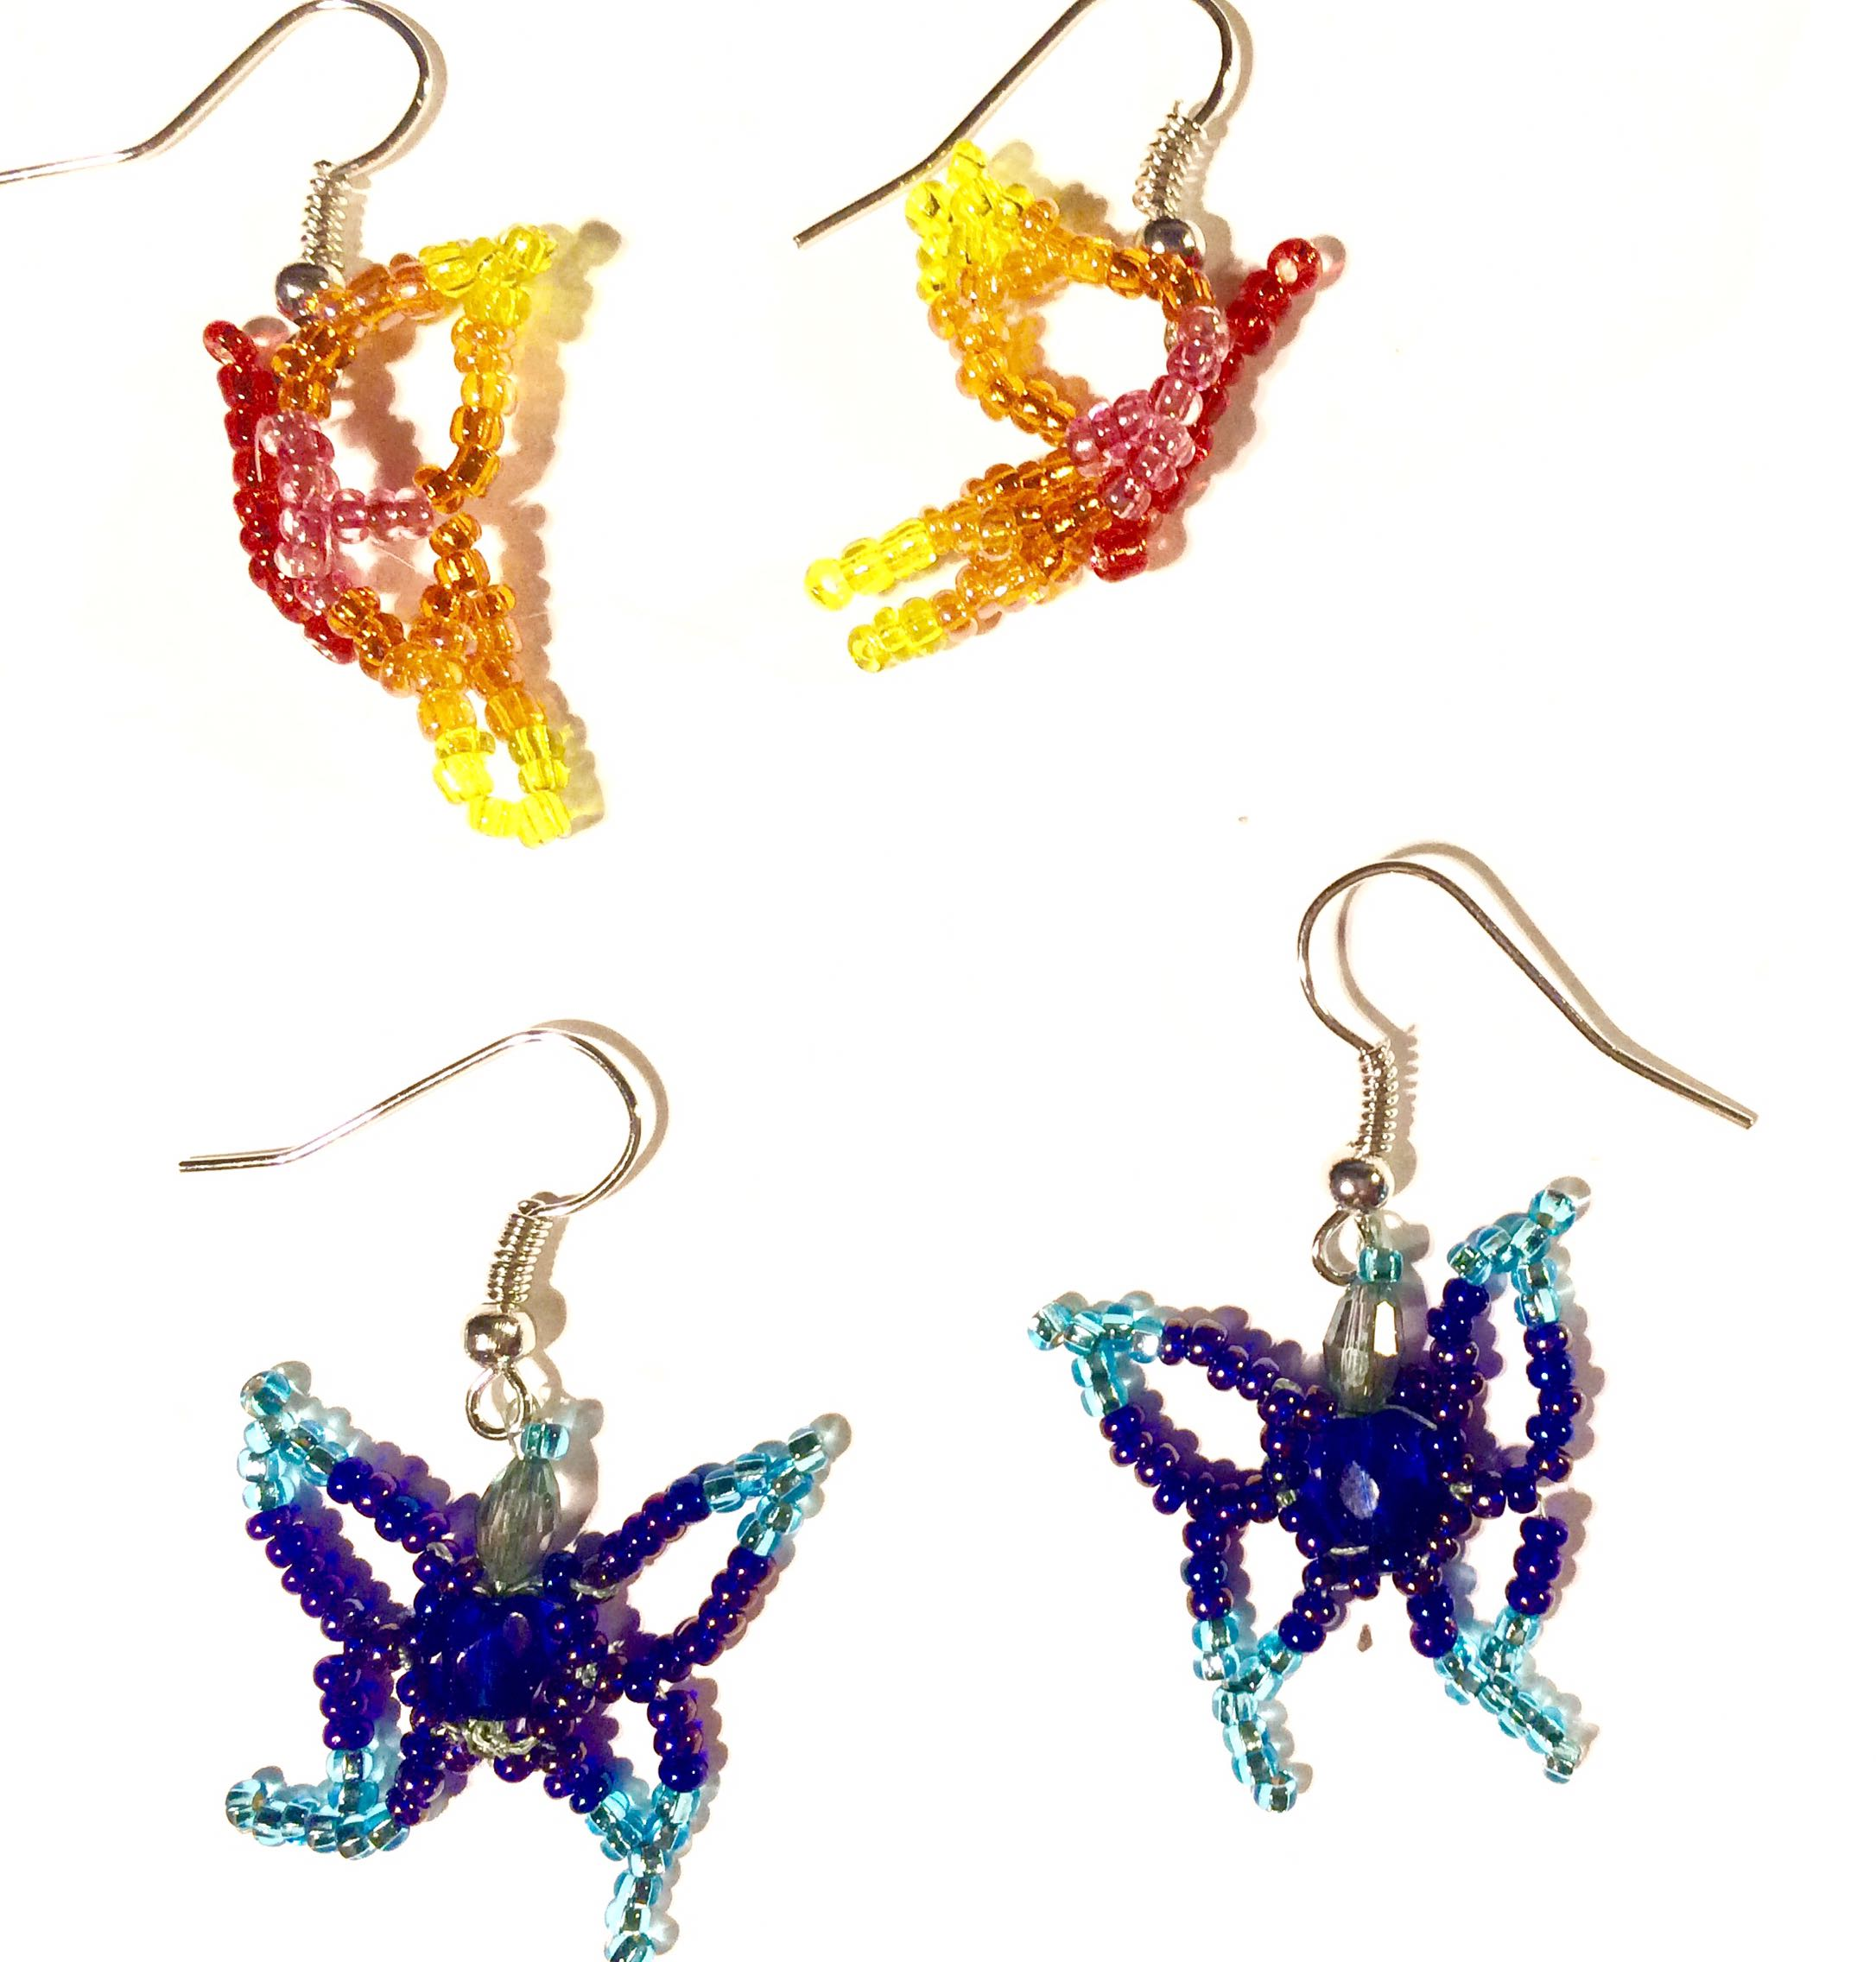 Beaded Butterfly Jewelry